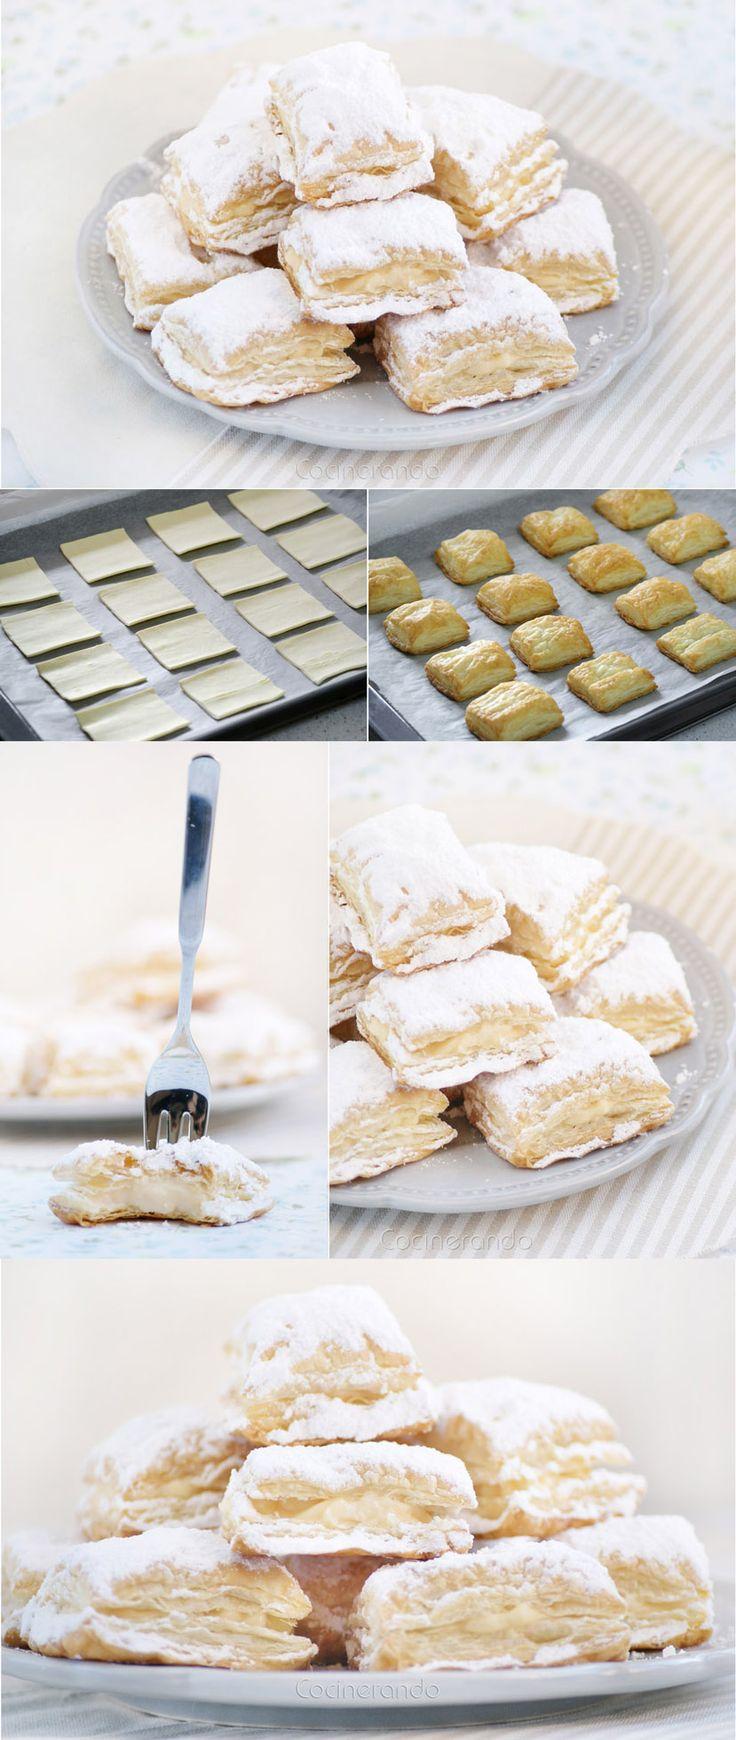 Pecados de Reposteria » Miguelitos, pasteles de hojaldre y crema